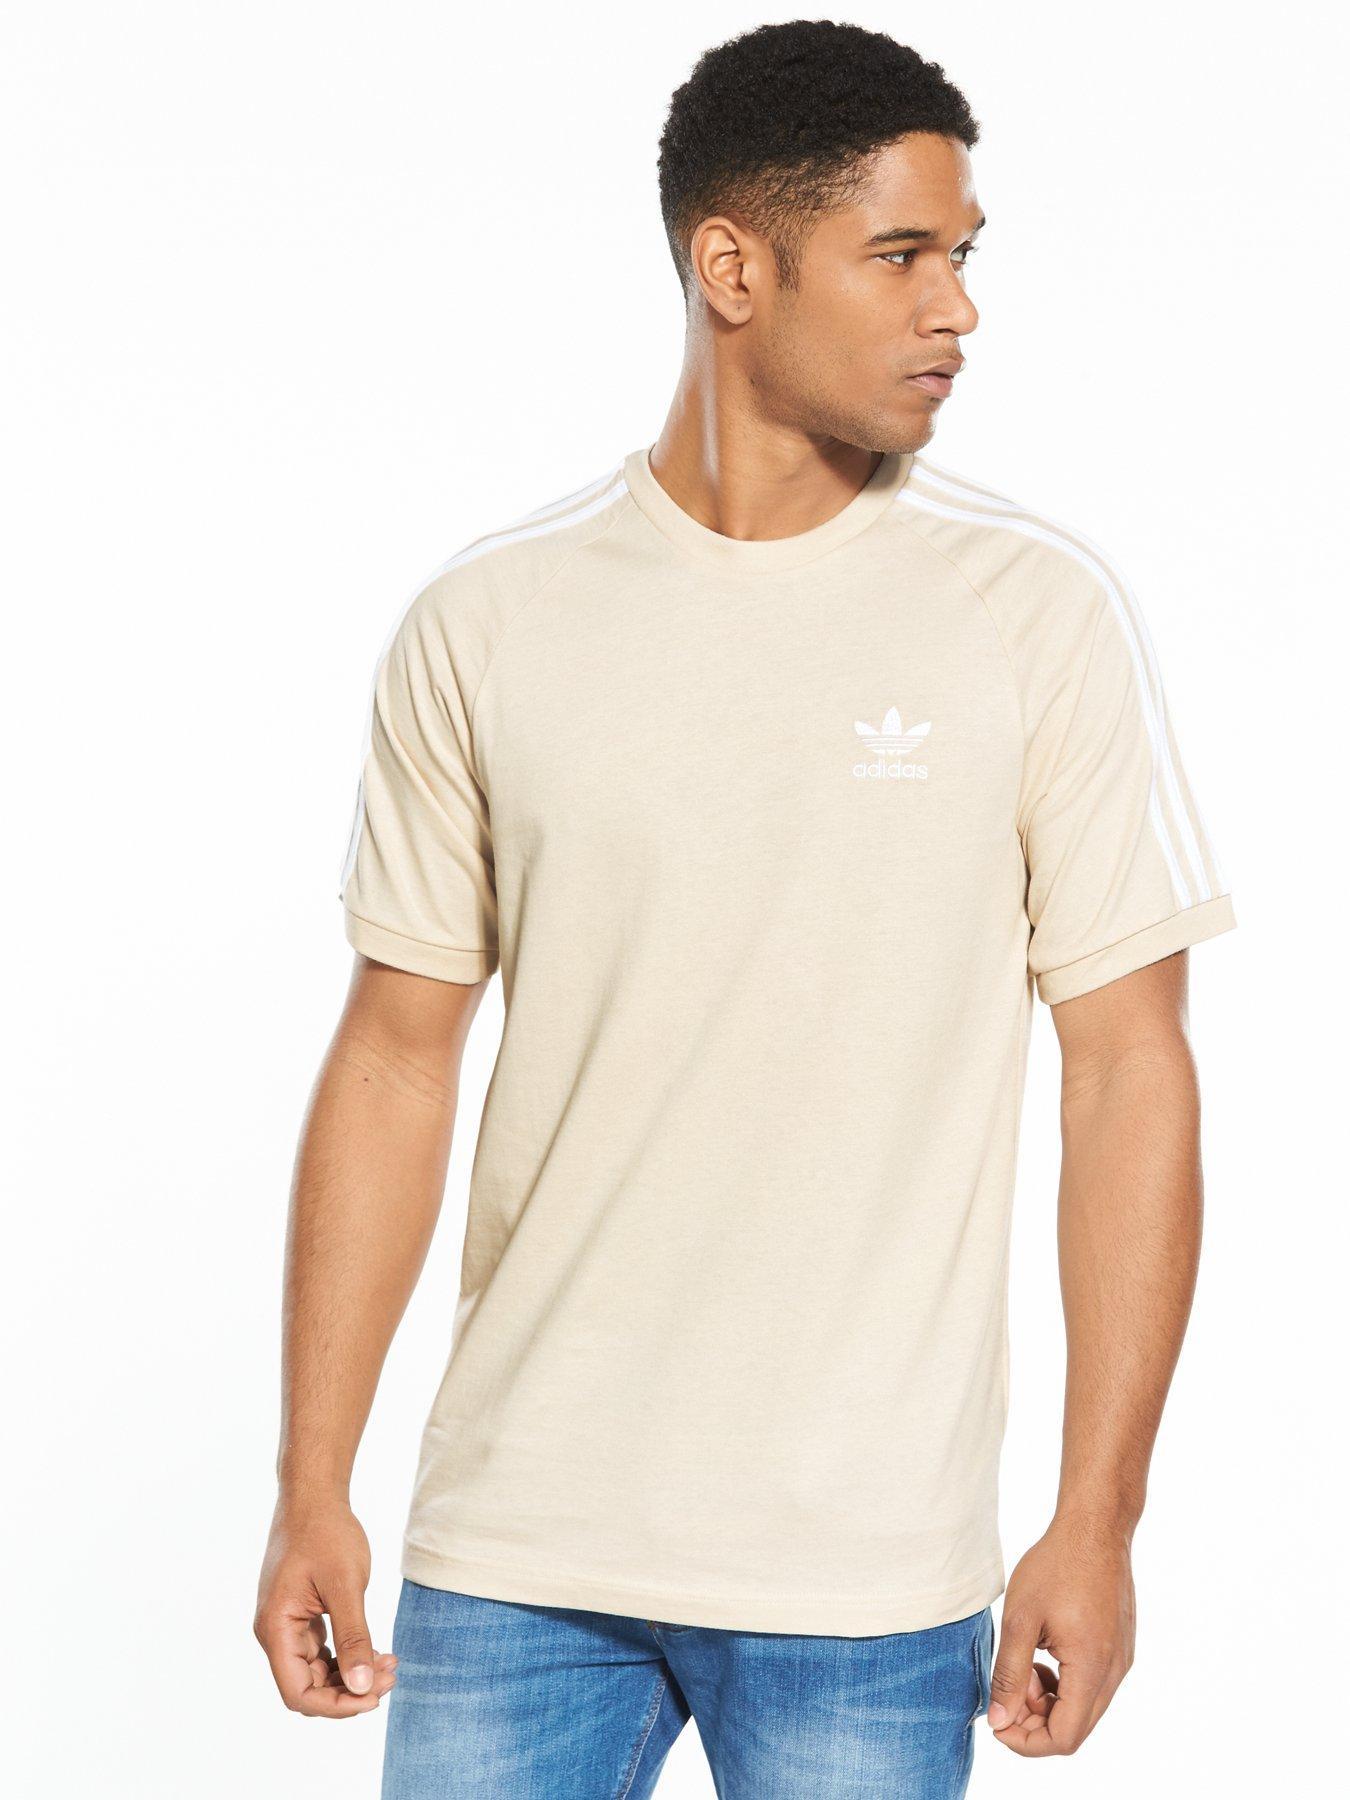 adidas Originals adicolor 3 Stripe California T-Shirt